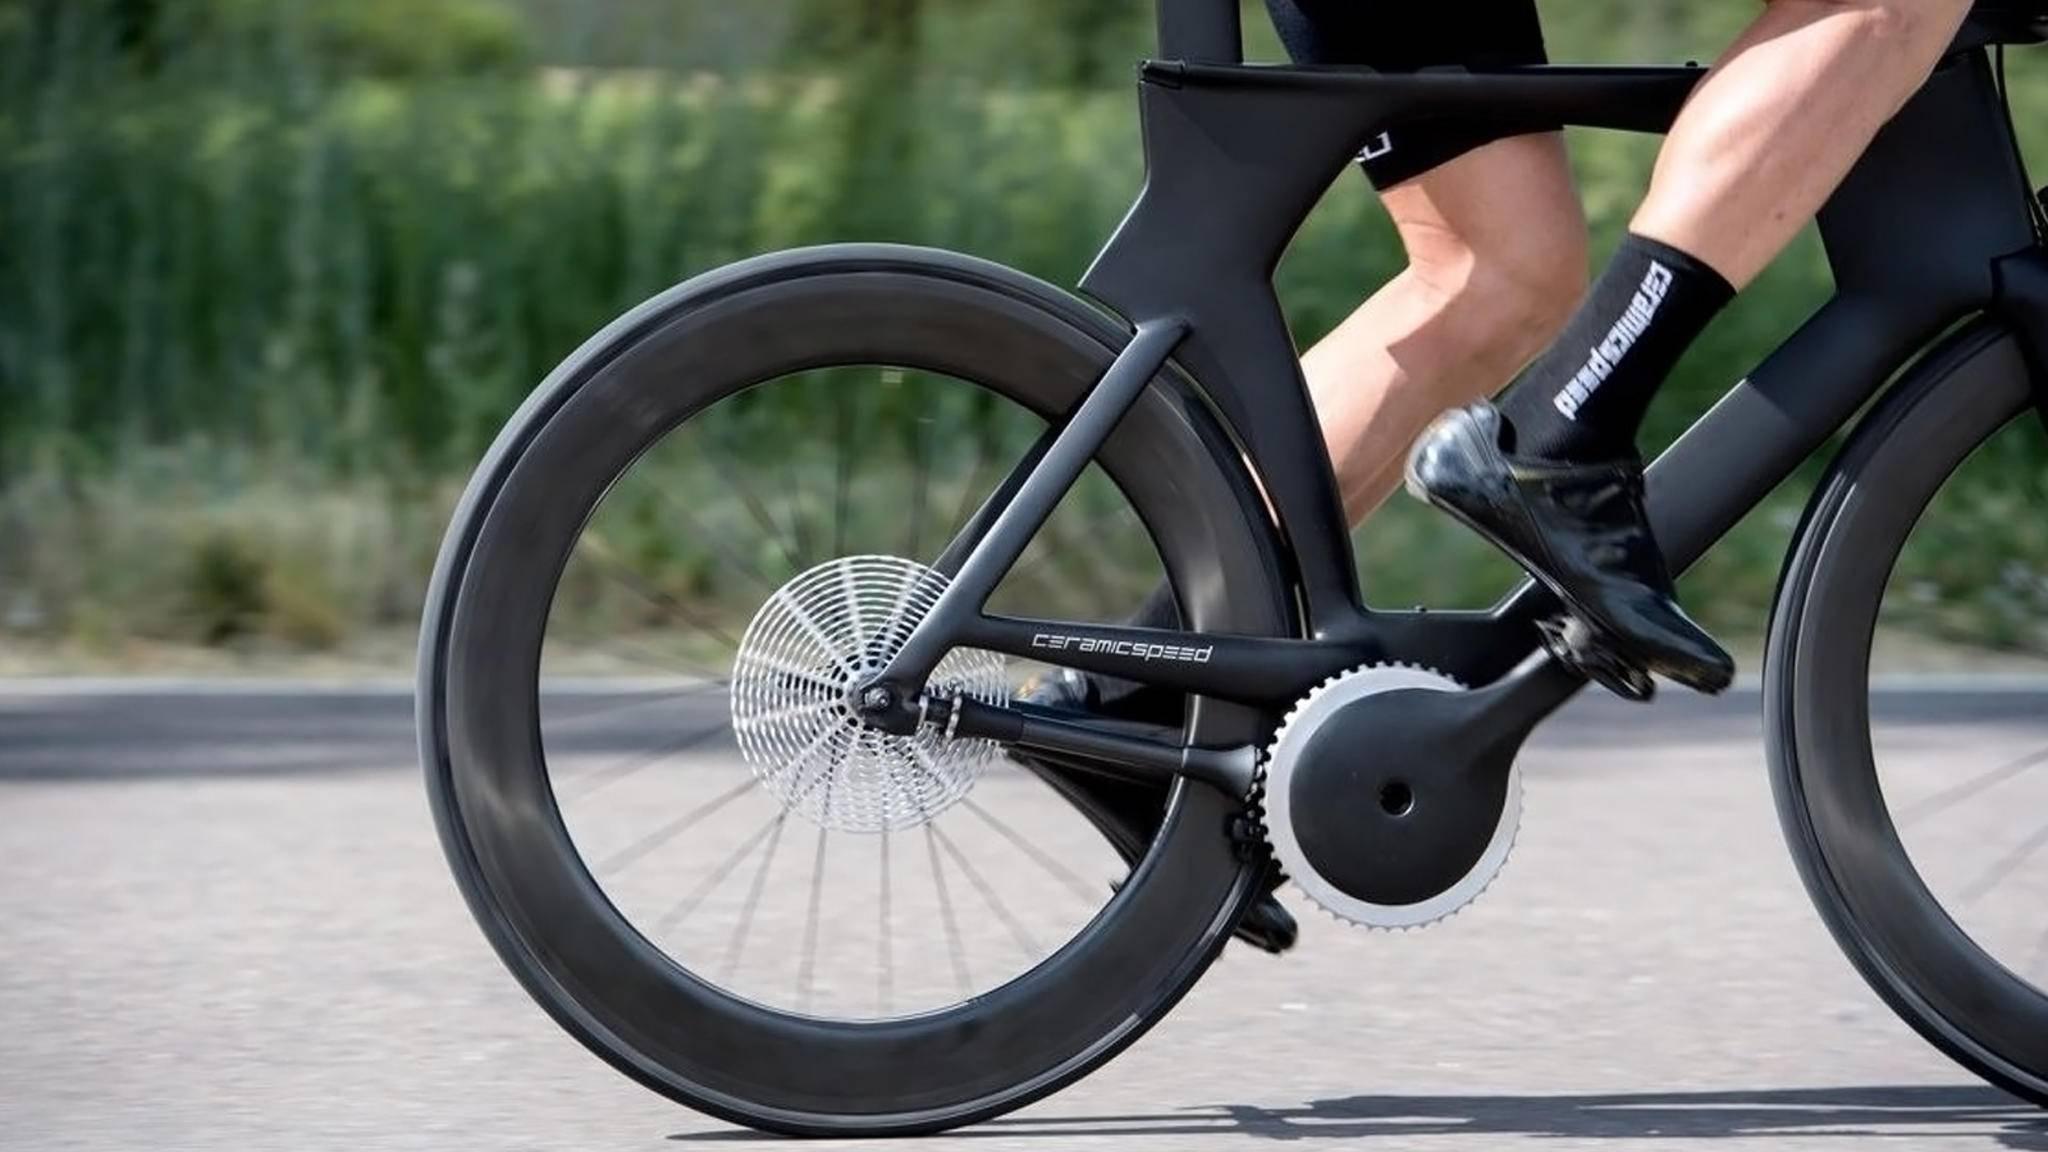 Das Fahrrad ohne Fahrradkette von CeramicSpeed ist nur eine der krassen Entwicklungen auf dem Fahrradmarkt.